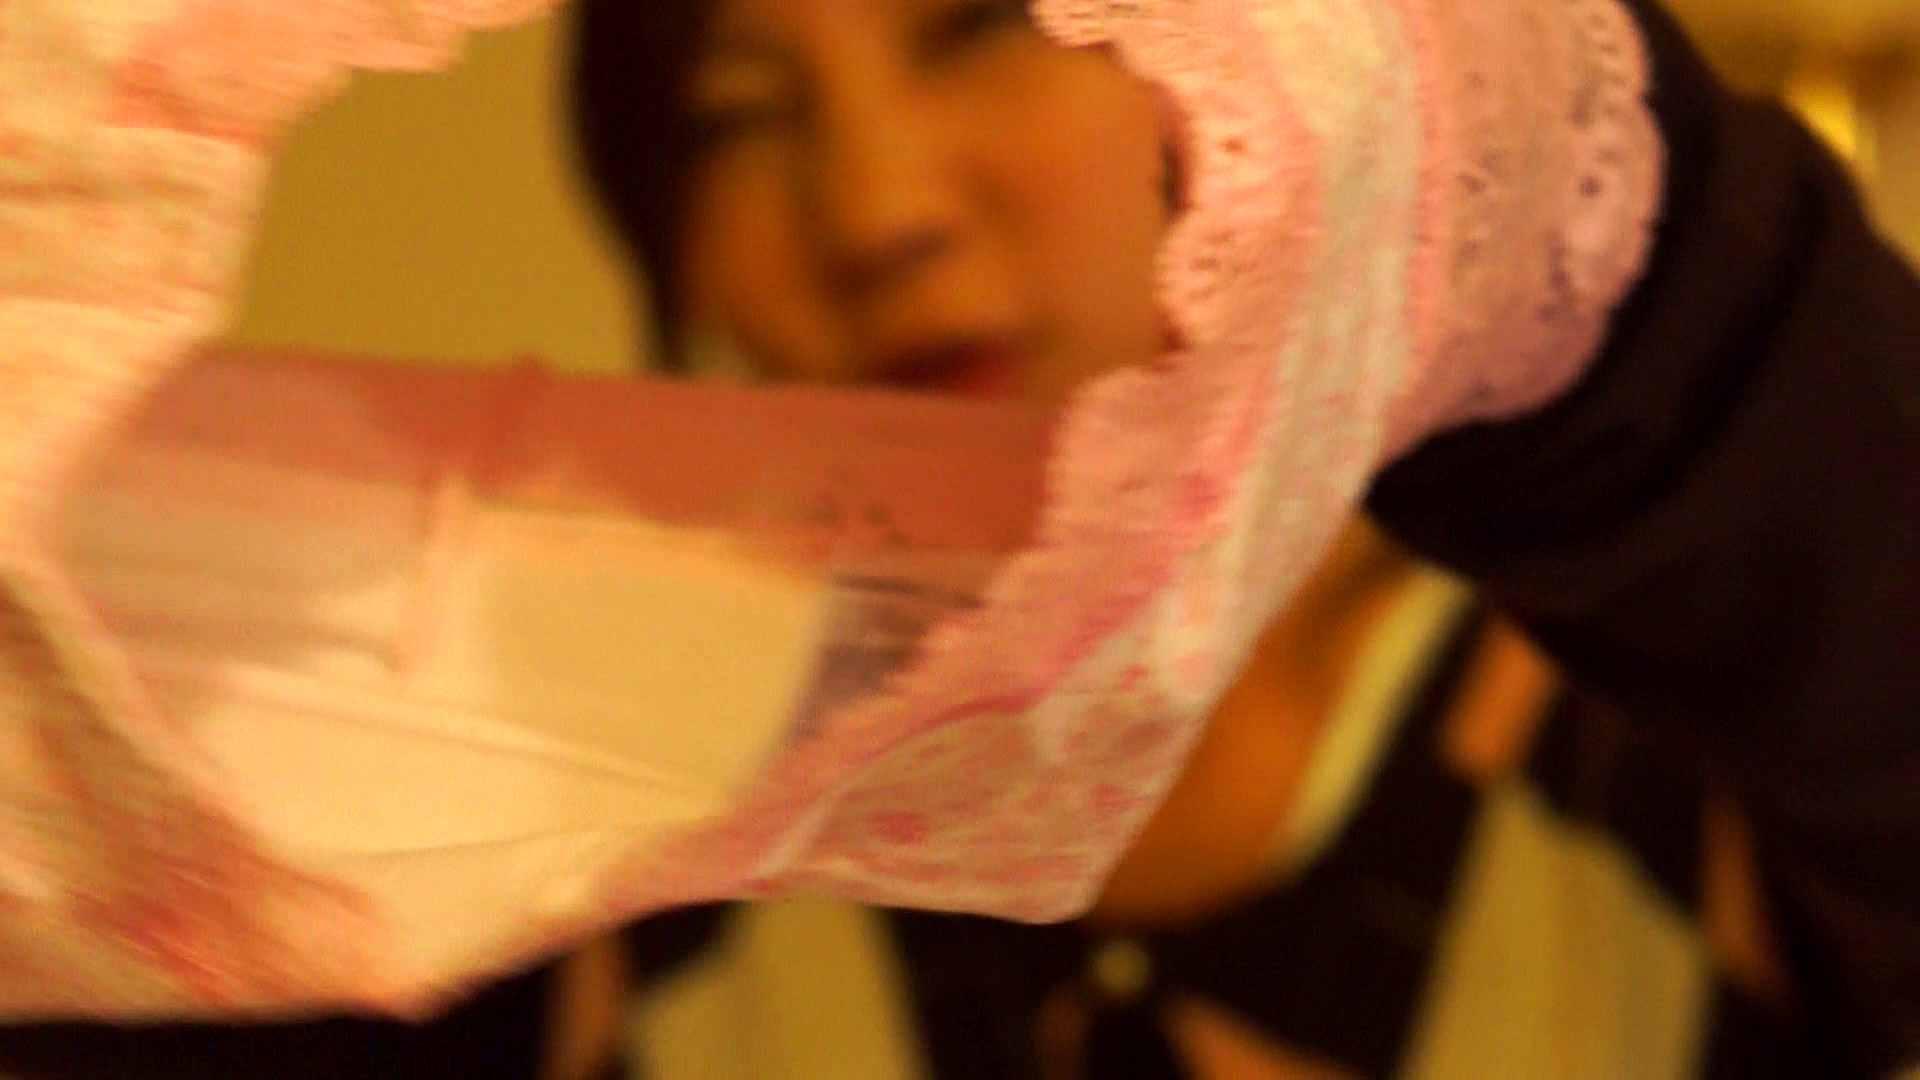 vol.11 瑞希ちゃんのパンチラサービス チラ歓迎 アダルト動画キャプチャ 101pic 74